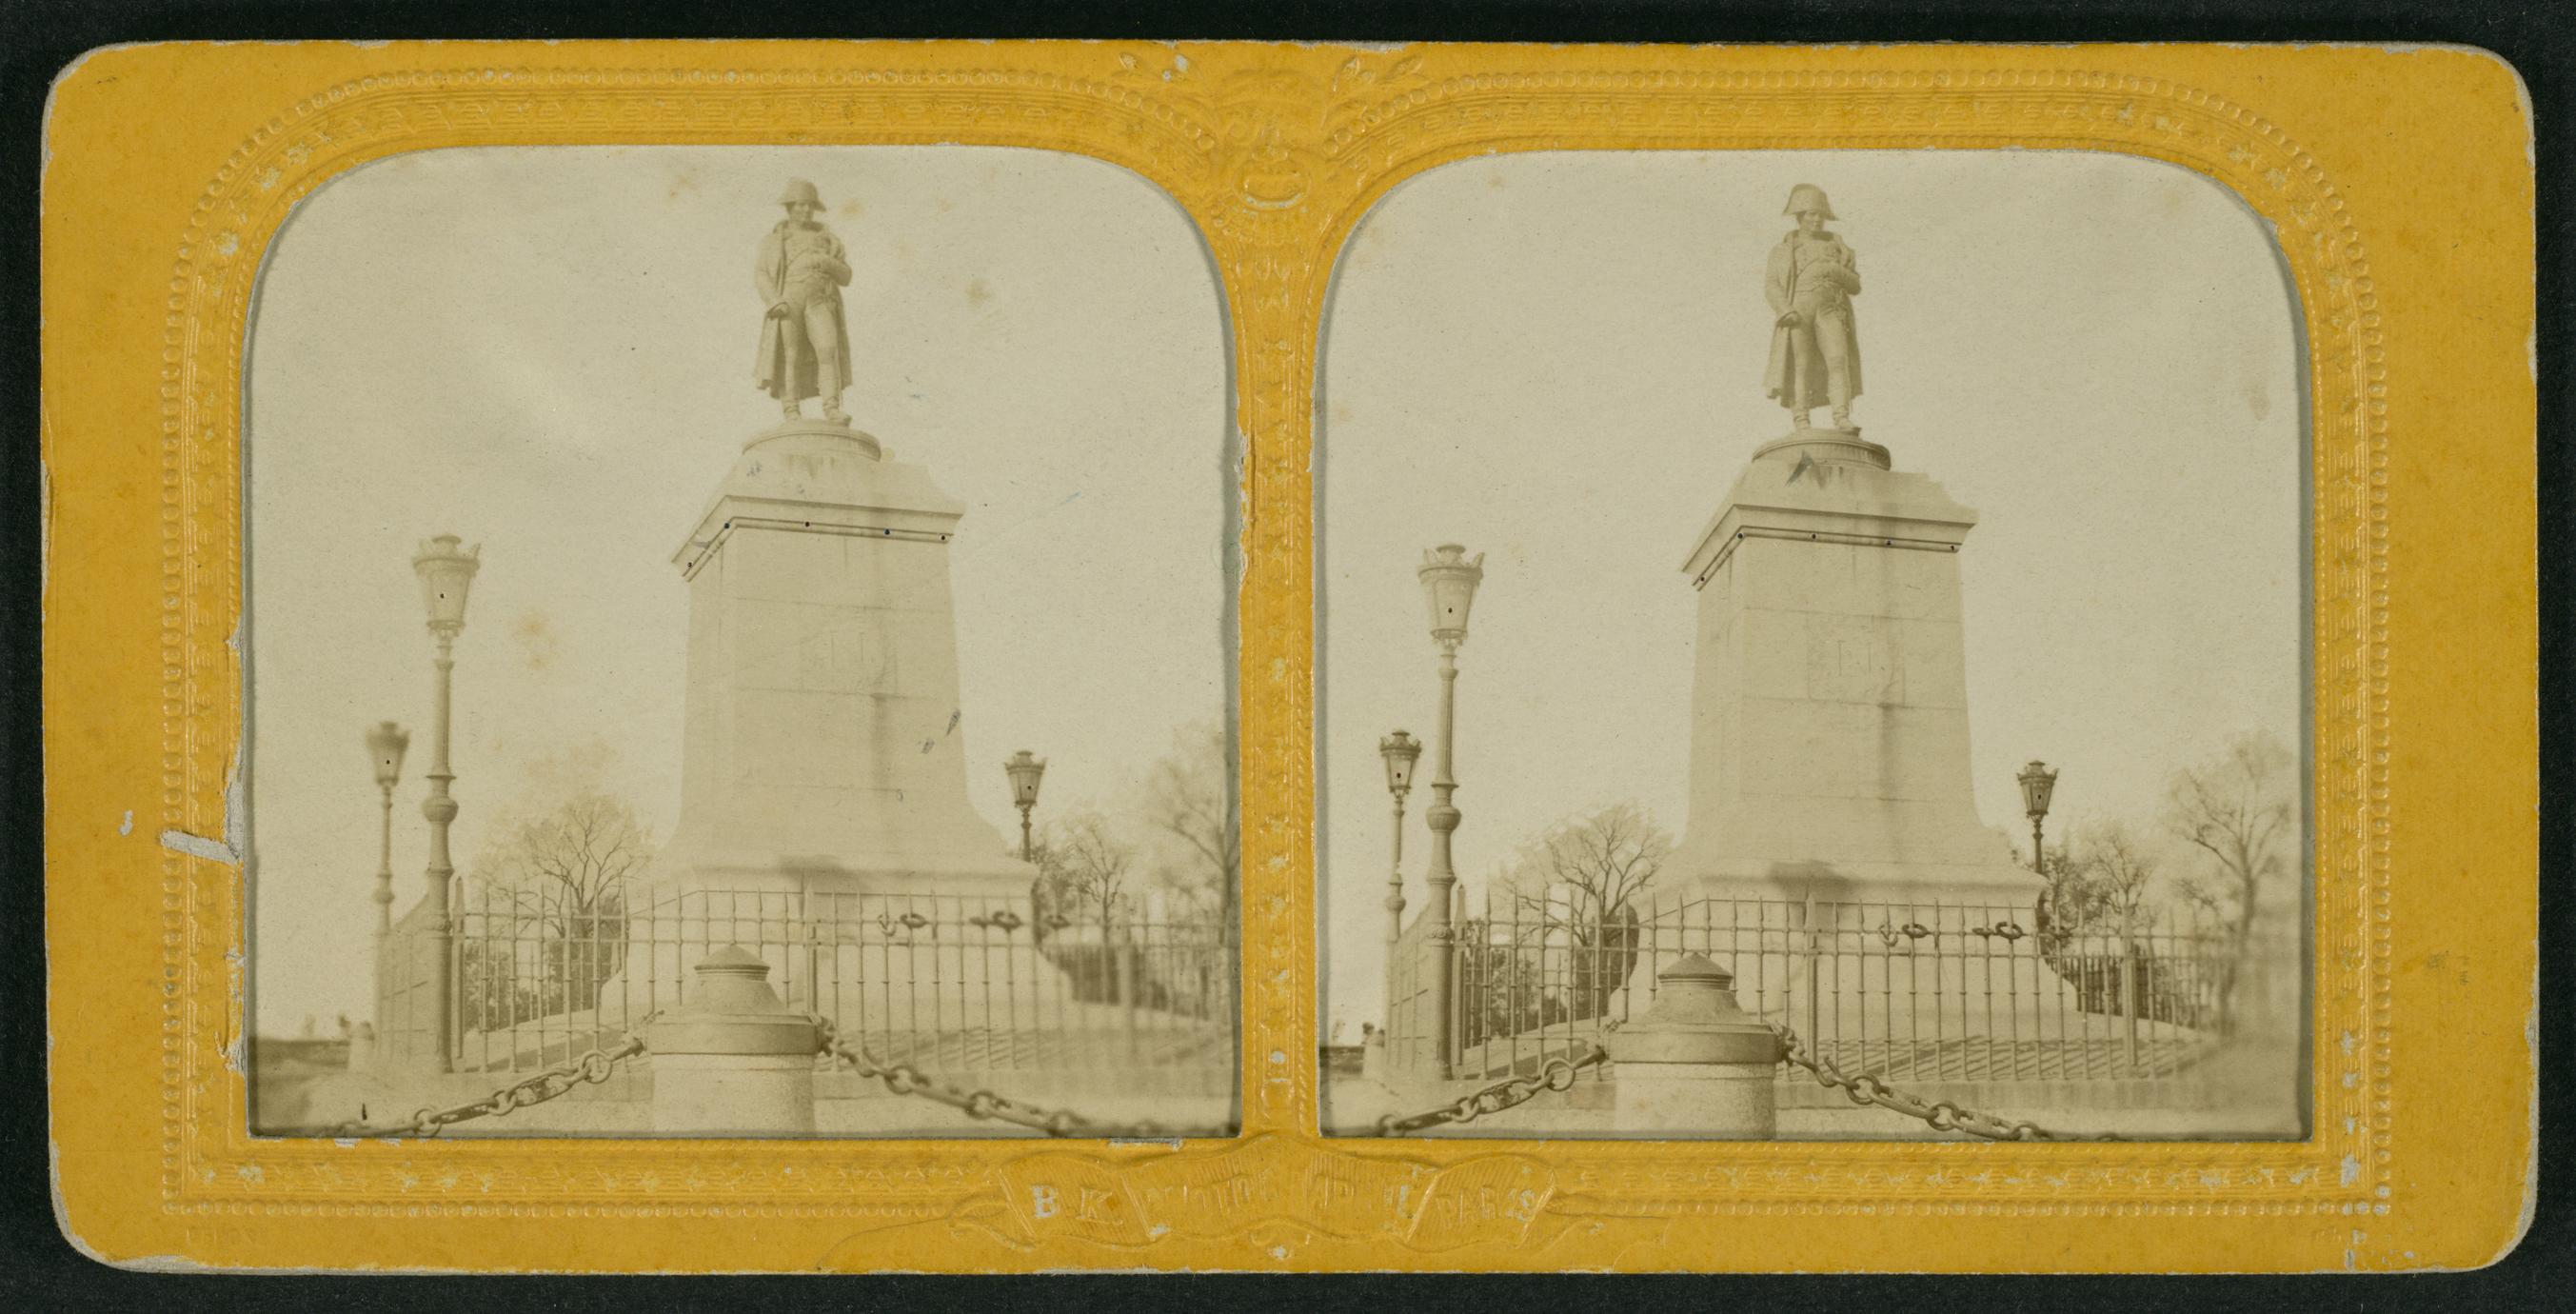 Statue de Napoléon Ier, Courbevoie, Paris (1 of 4)